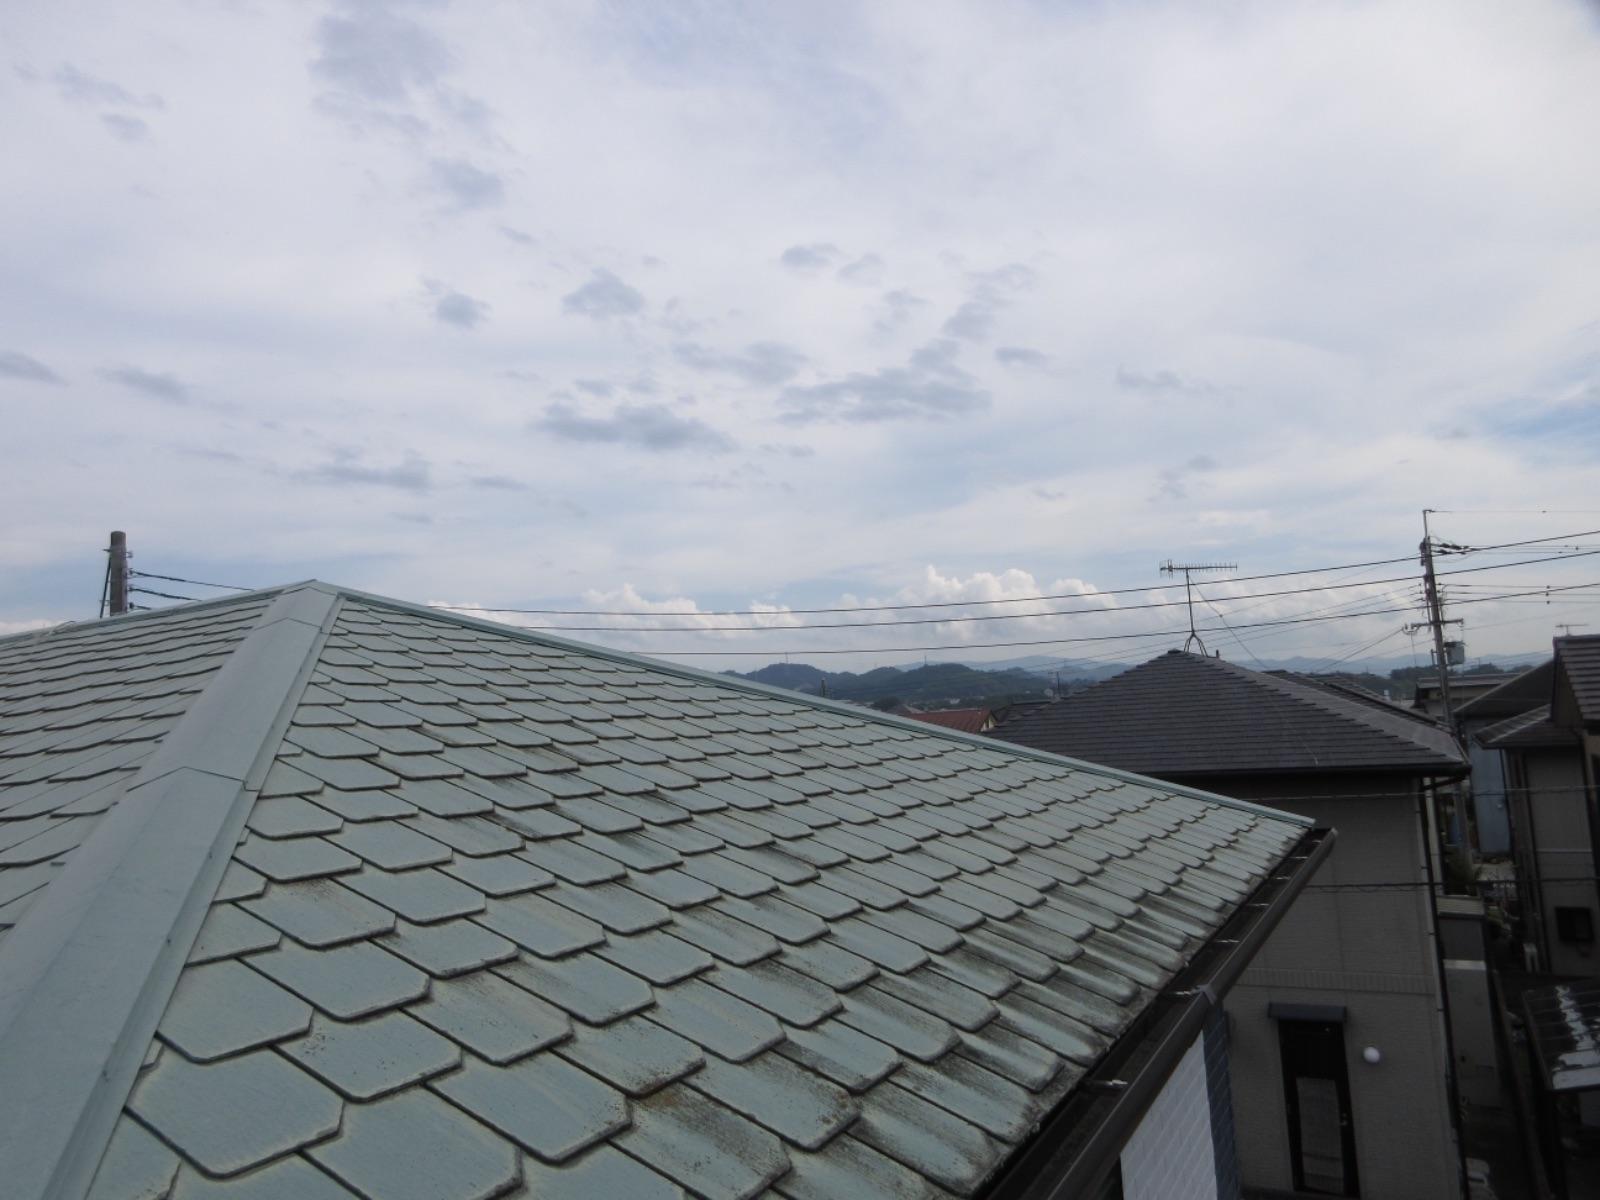 【紀の川市】 M様邸<br>『グリーンの屋根が 上品に輝いています★』1